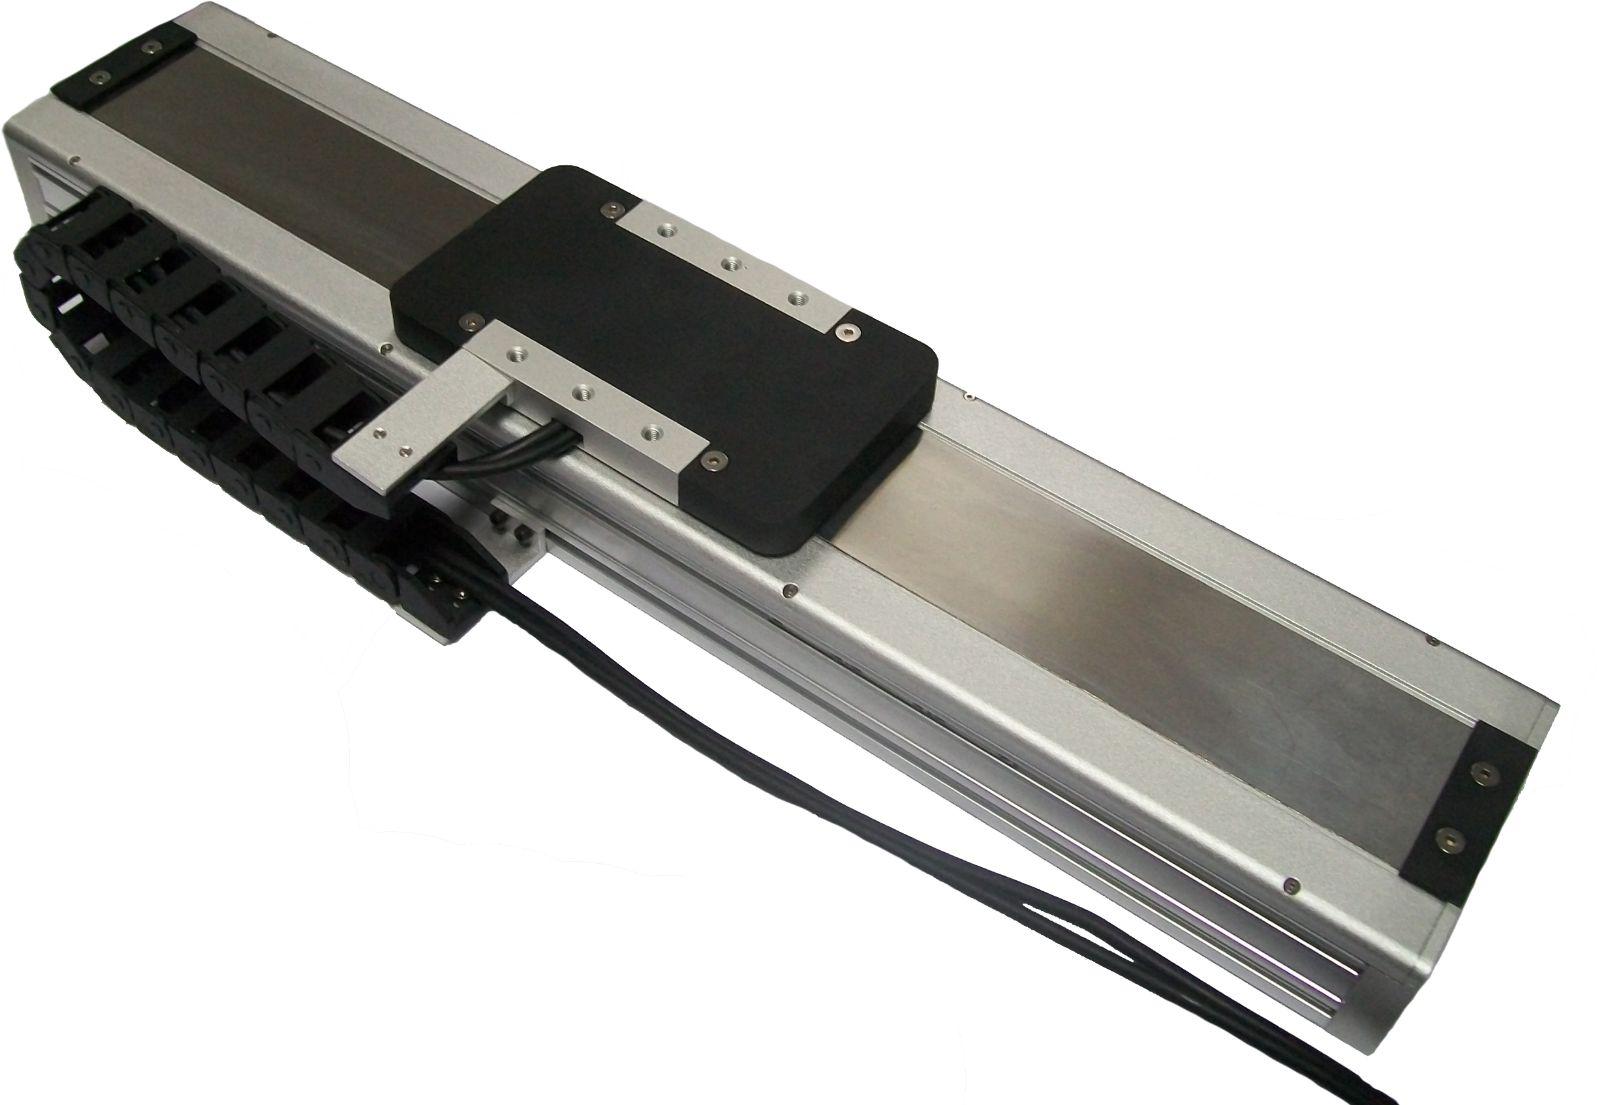 防尘环境全封闭直线电机模组 - 英诺伺服技术有限公司